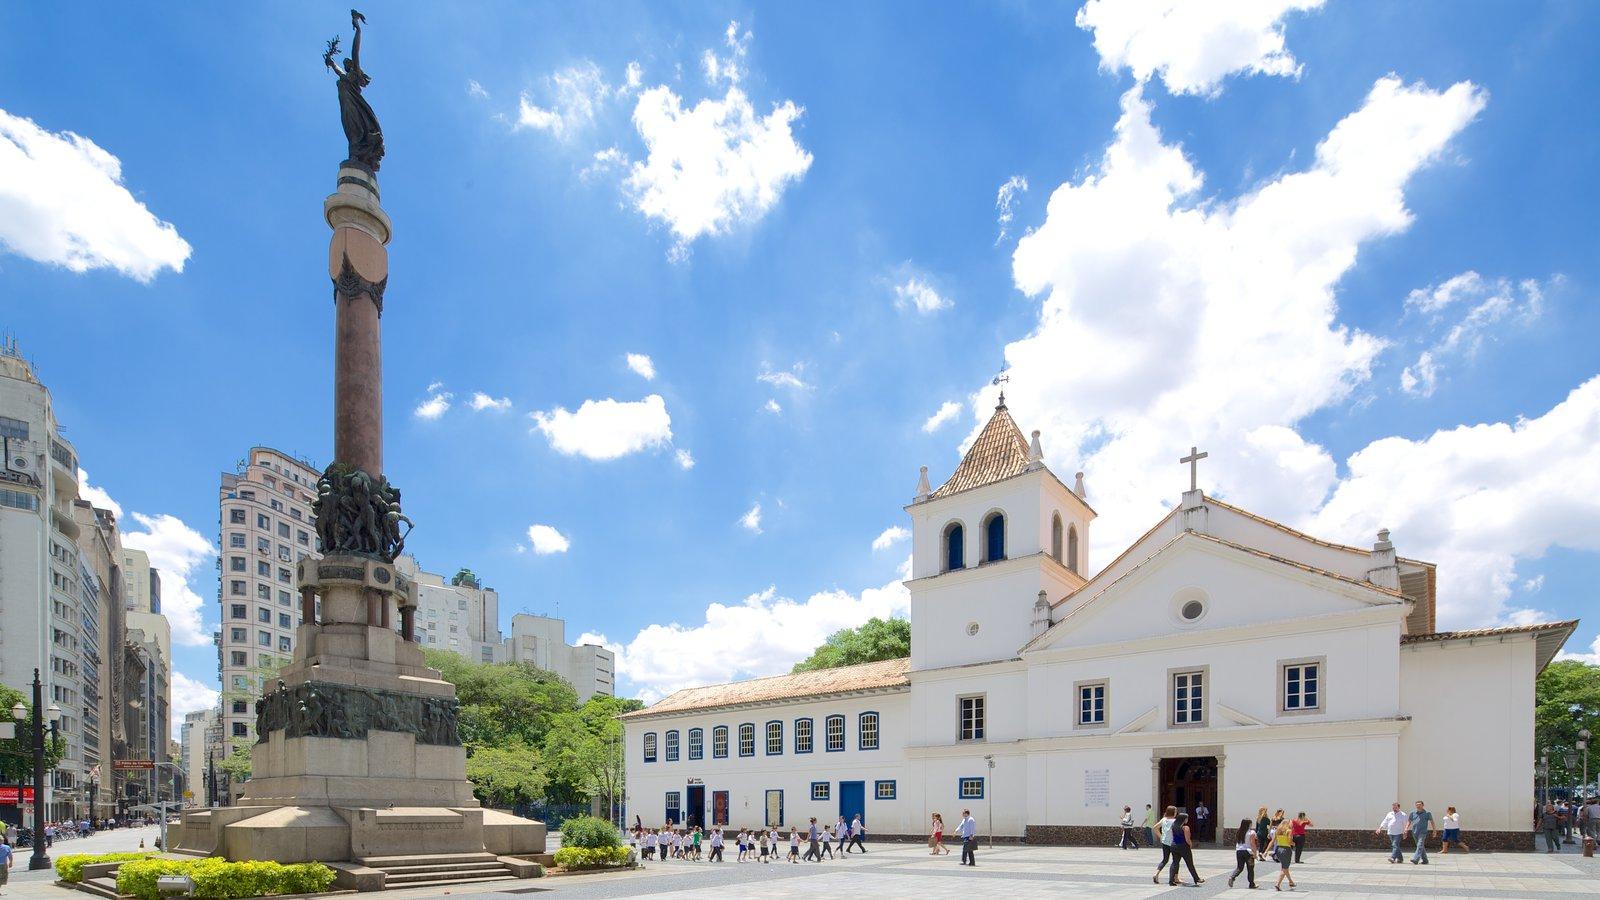 São Paulo mostrando um monumento, uma praça ou plaza e uma igreja ou catedral